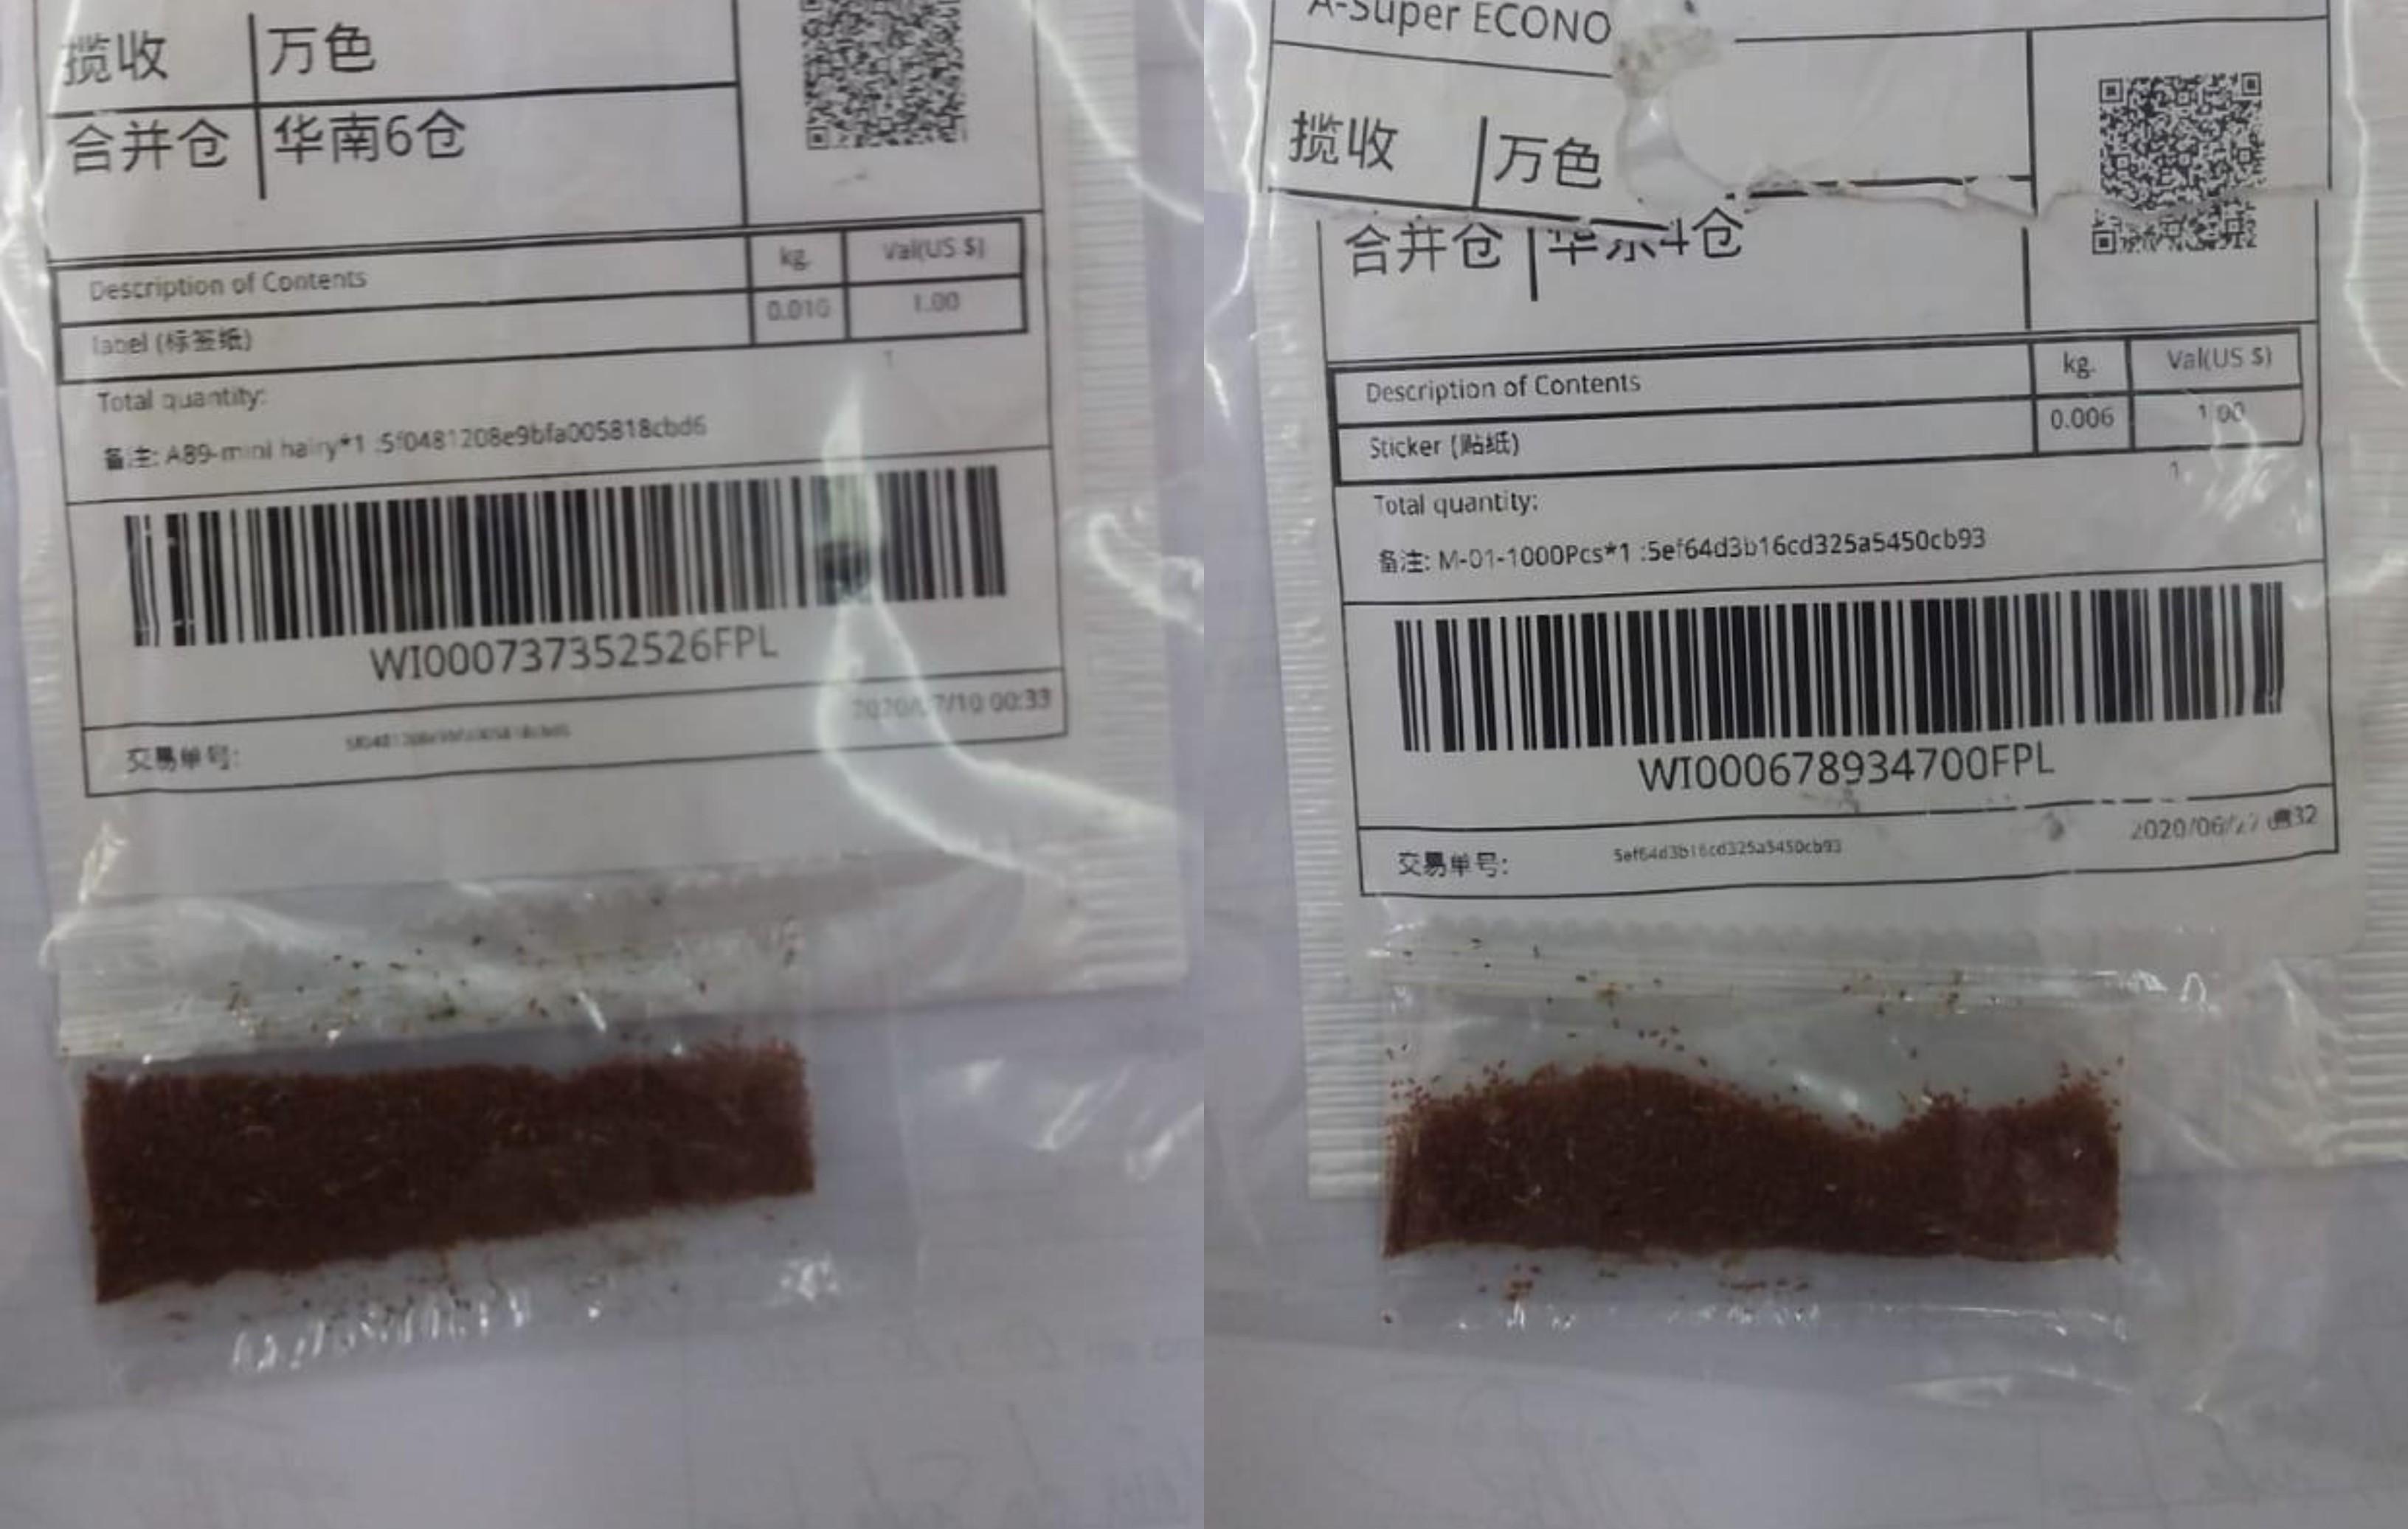 Governo já registra 525 casos de sementes misteriosas em todo o país